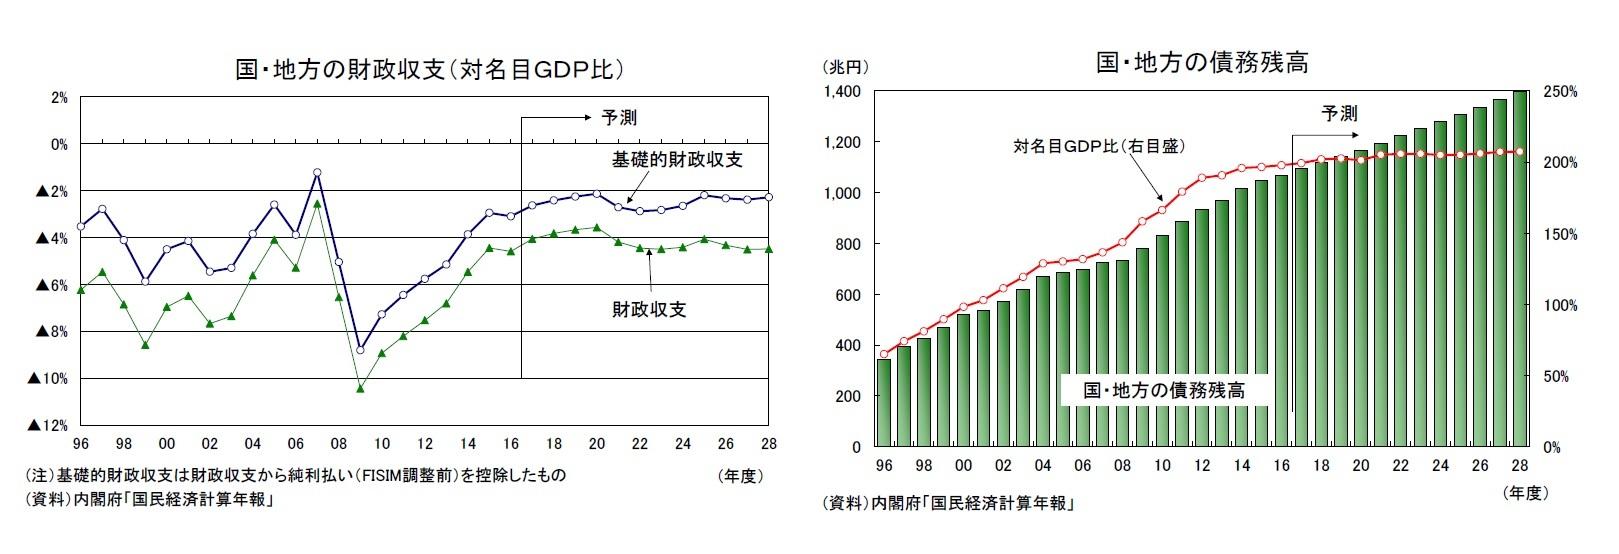 国・地方の財政収支(対名目GDP比)/国・地方の債務残高